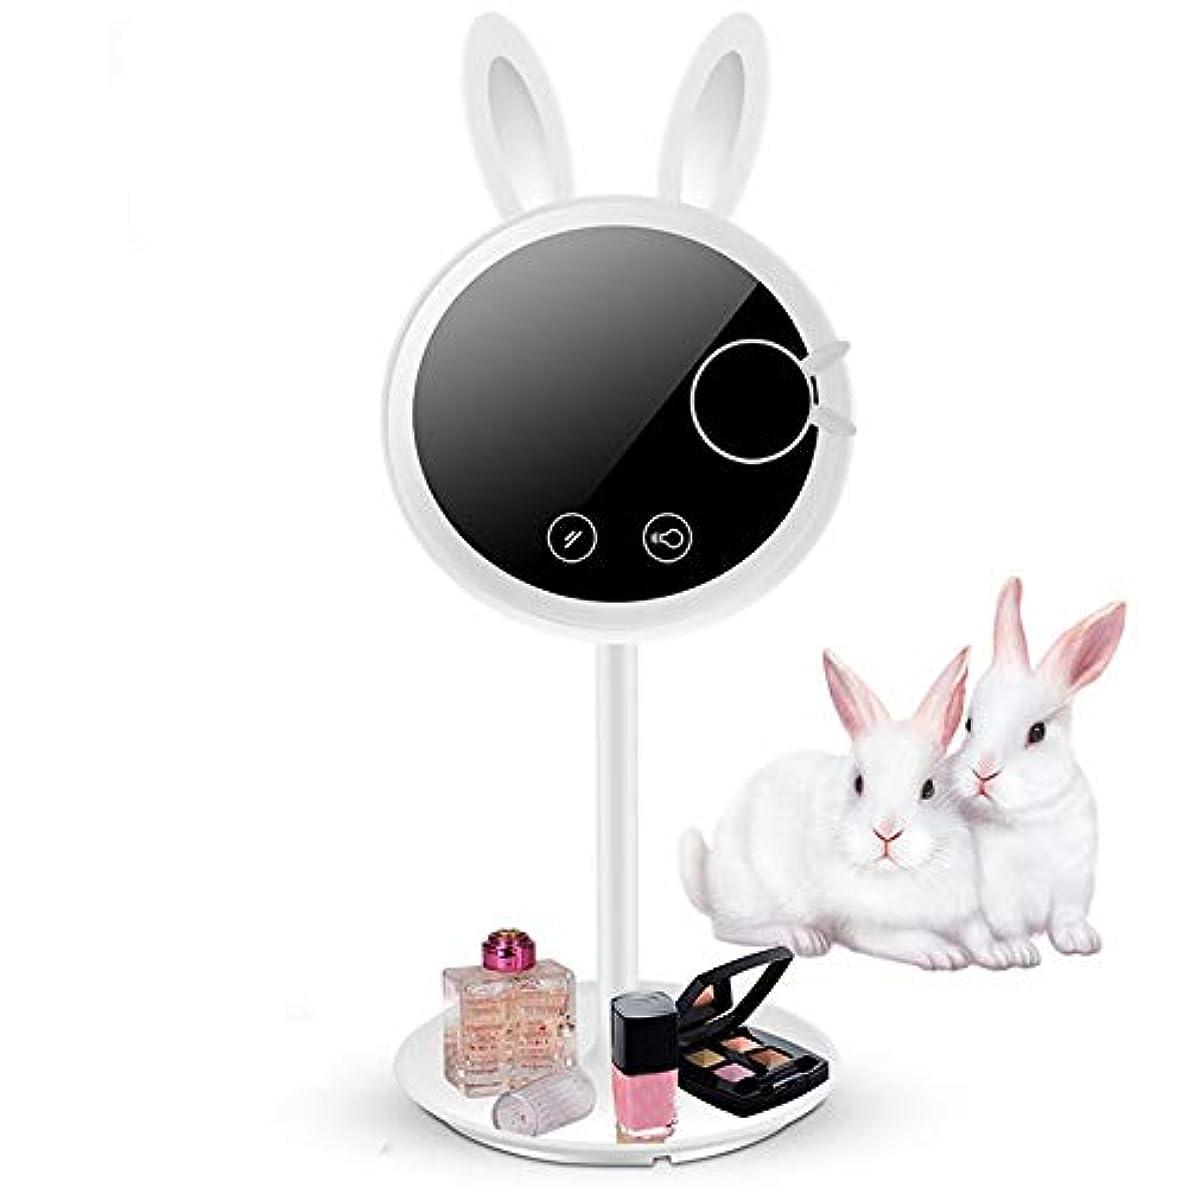 流行の 新しいバニーLEDフィルライト化粧鏡と光インテリジェントフィルライトデスクトップ化粧鏡ABS小さなギフトホワイト